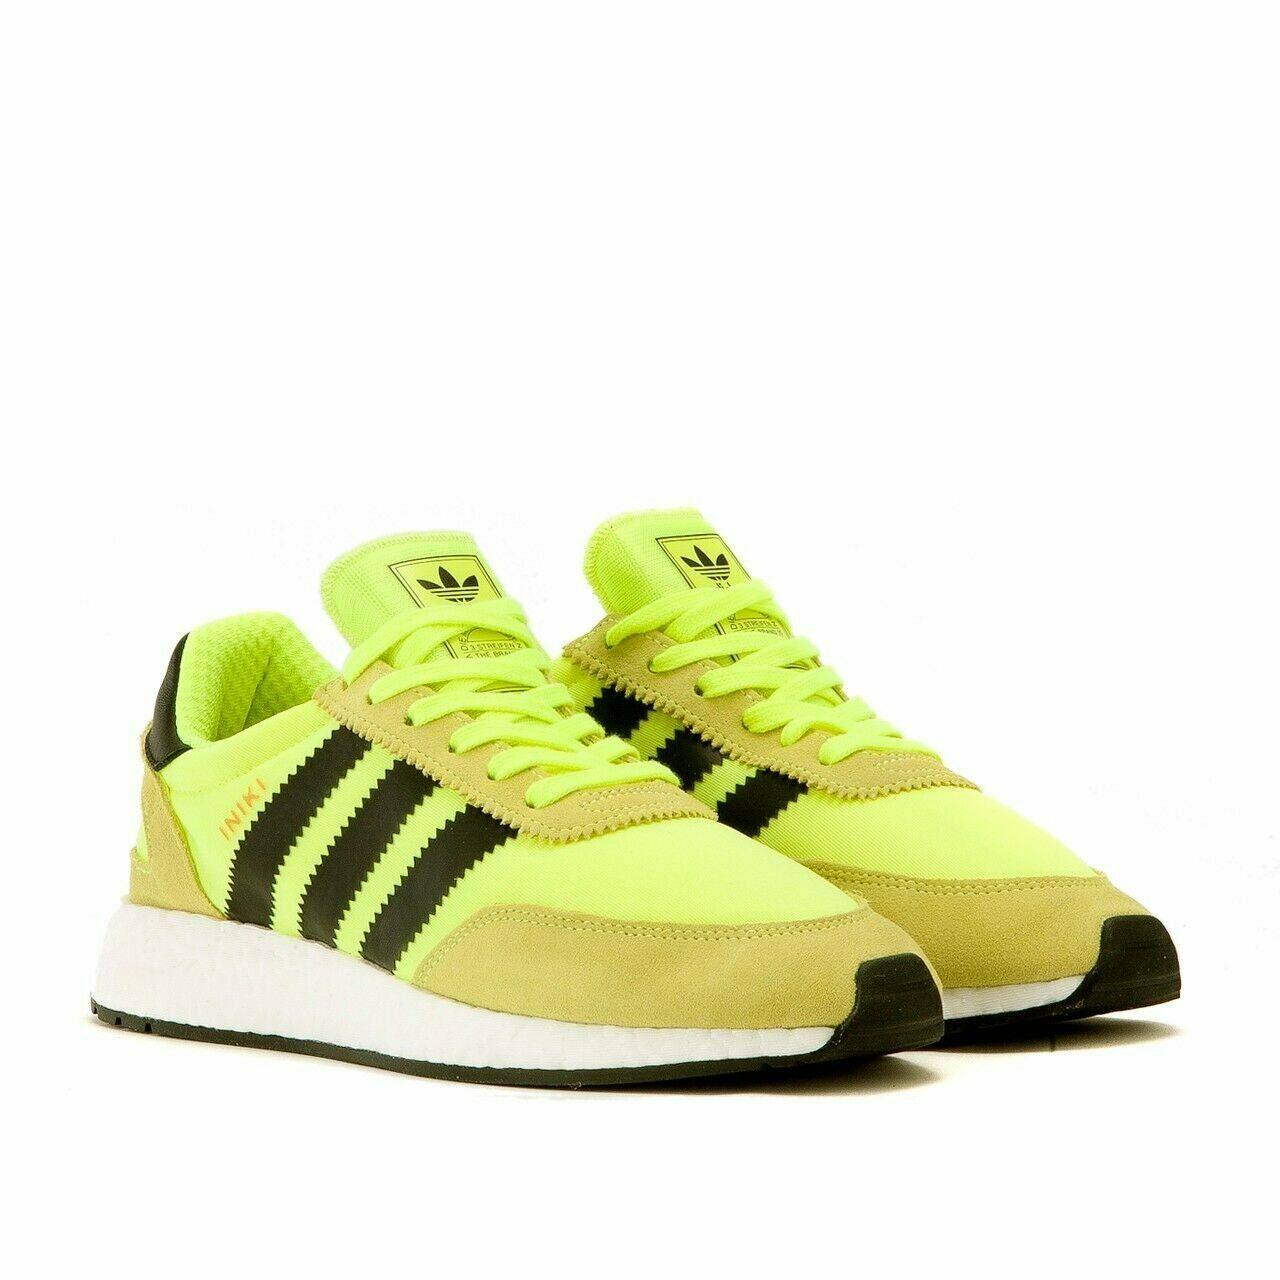 Adidas Iniki Runner Solar Yellow